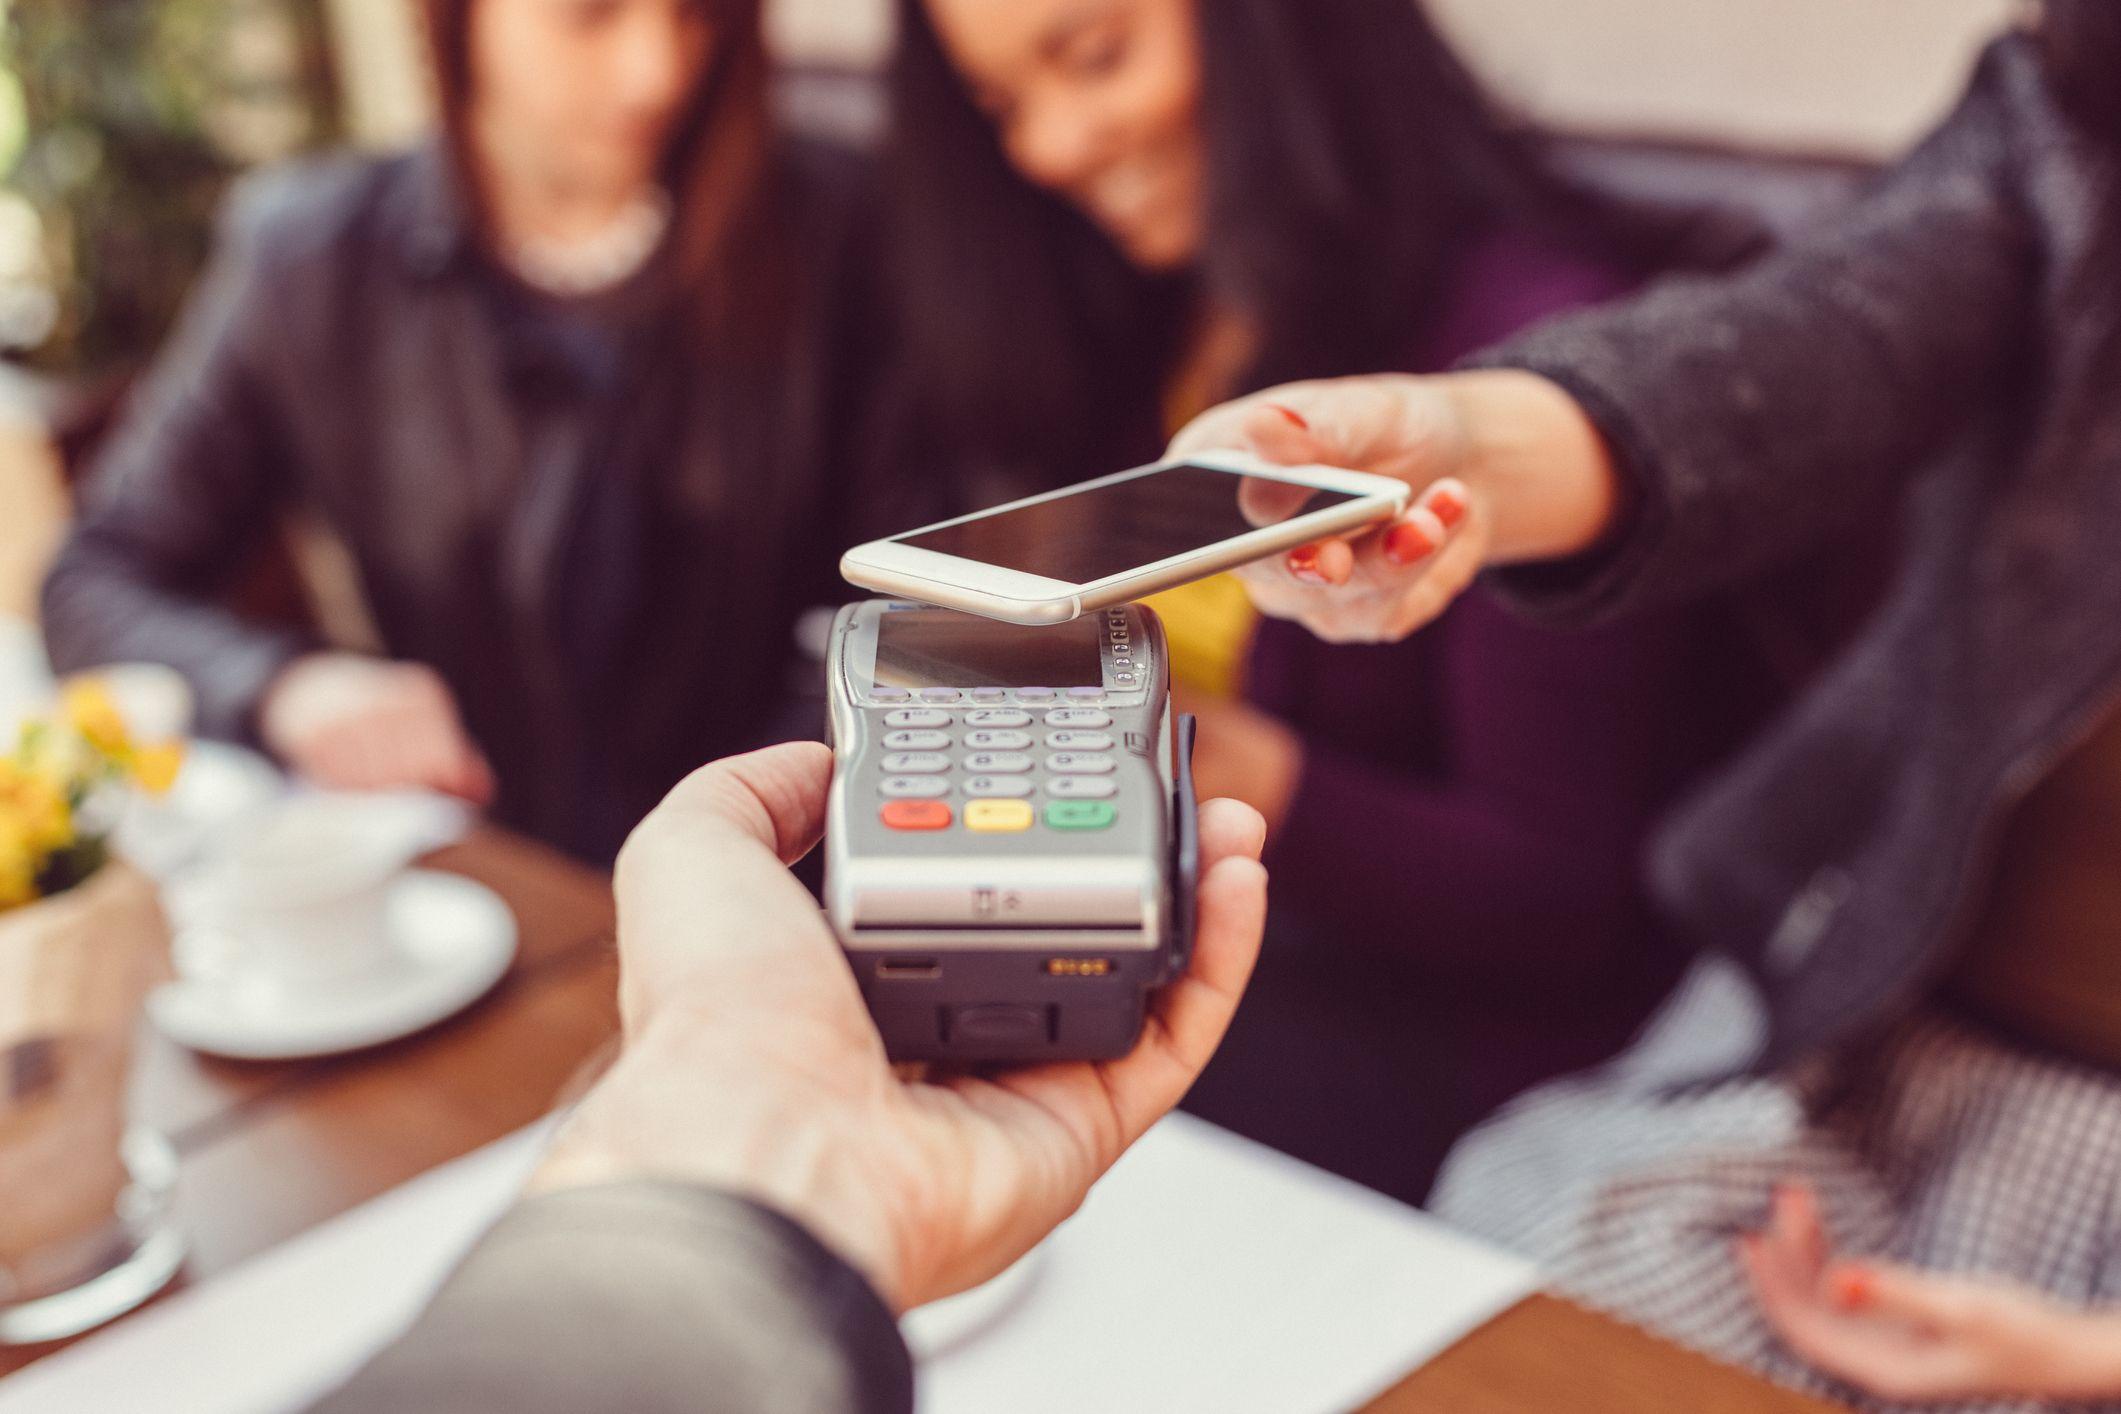 La tecnología contactless permite a los clientes retirar dinero en el cajero o pagar en cualquier establecimiento acercando el móvil al lector.